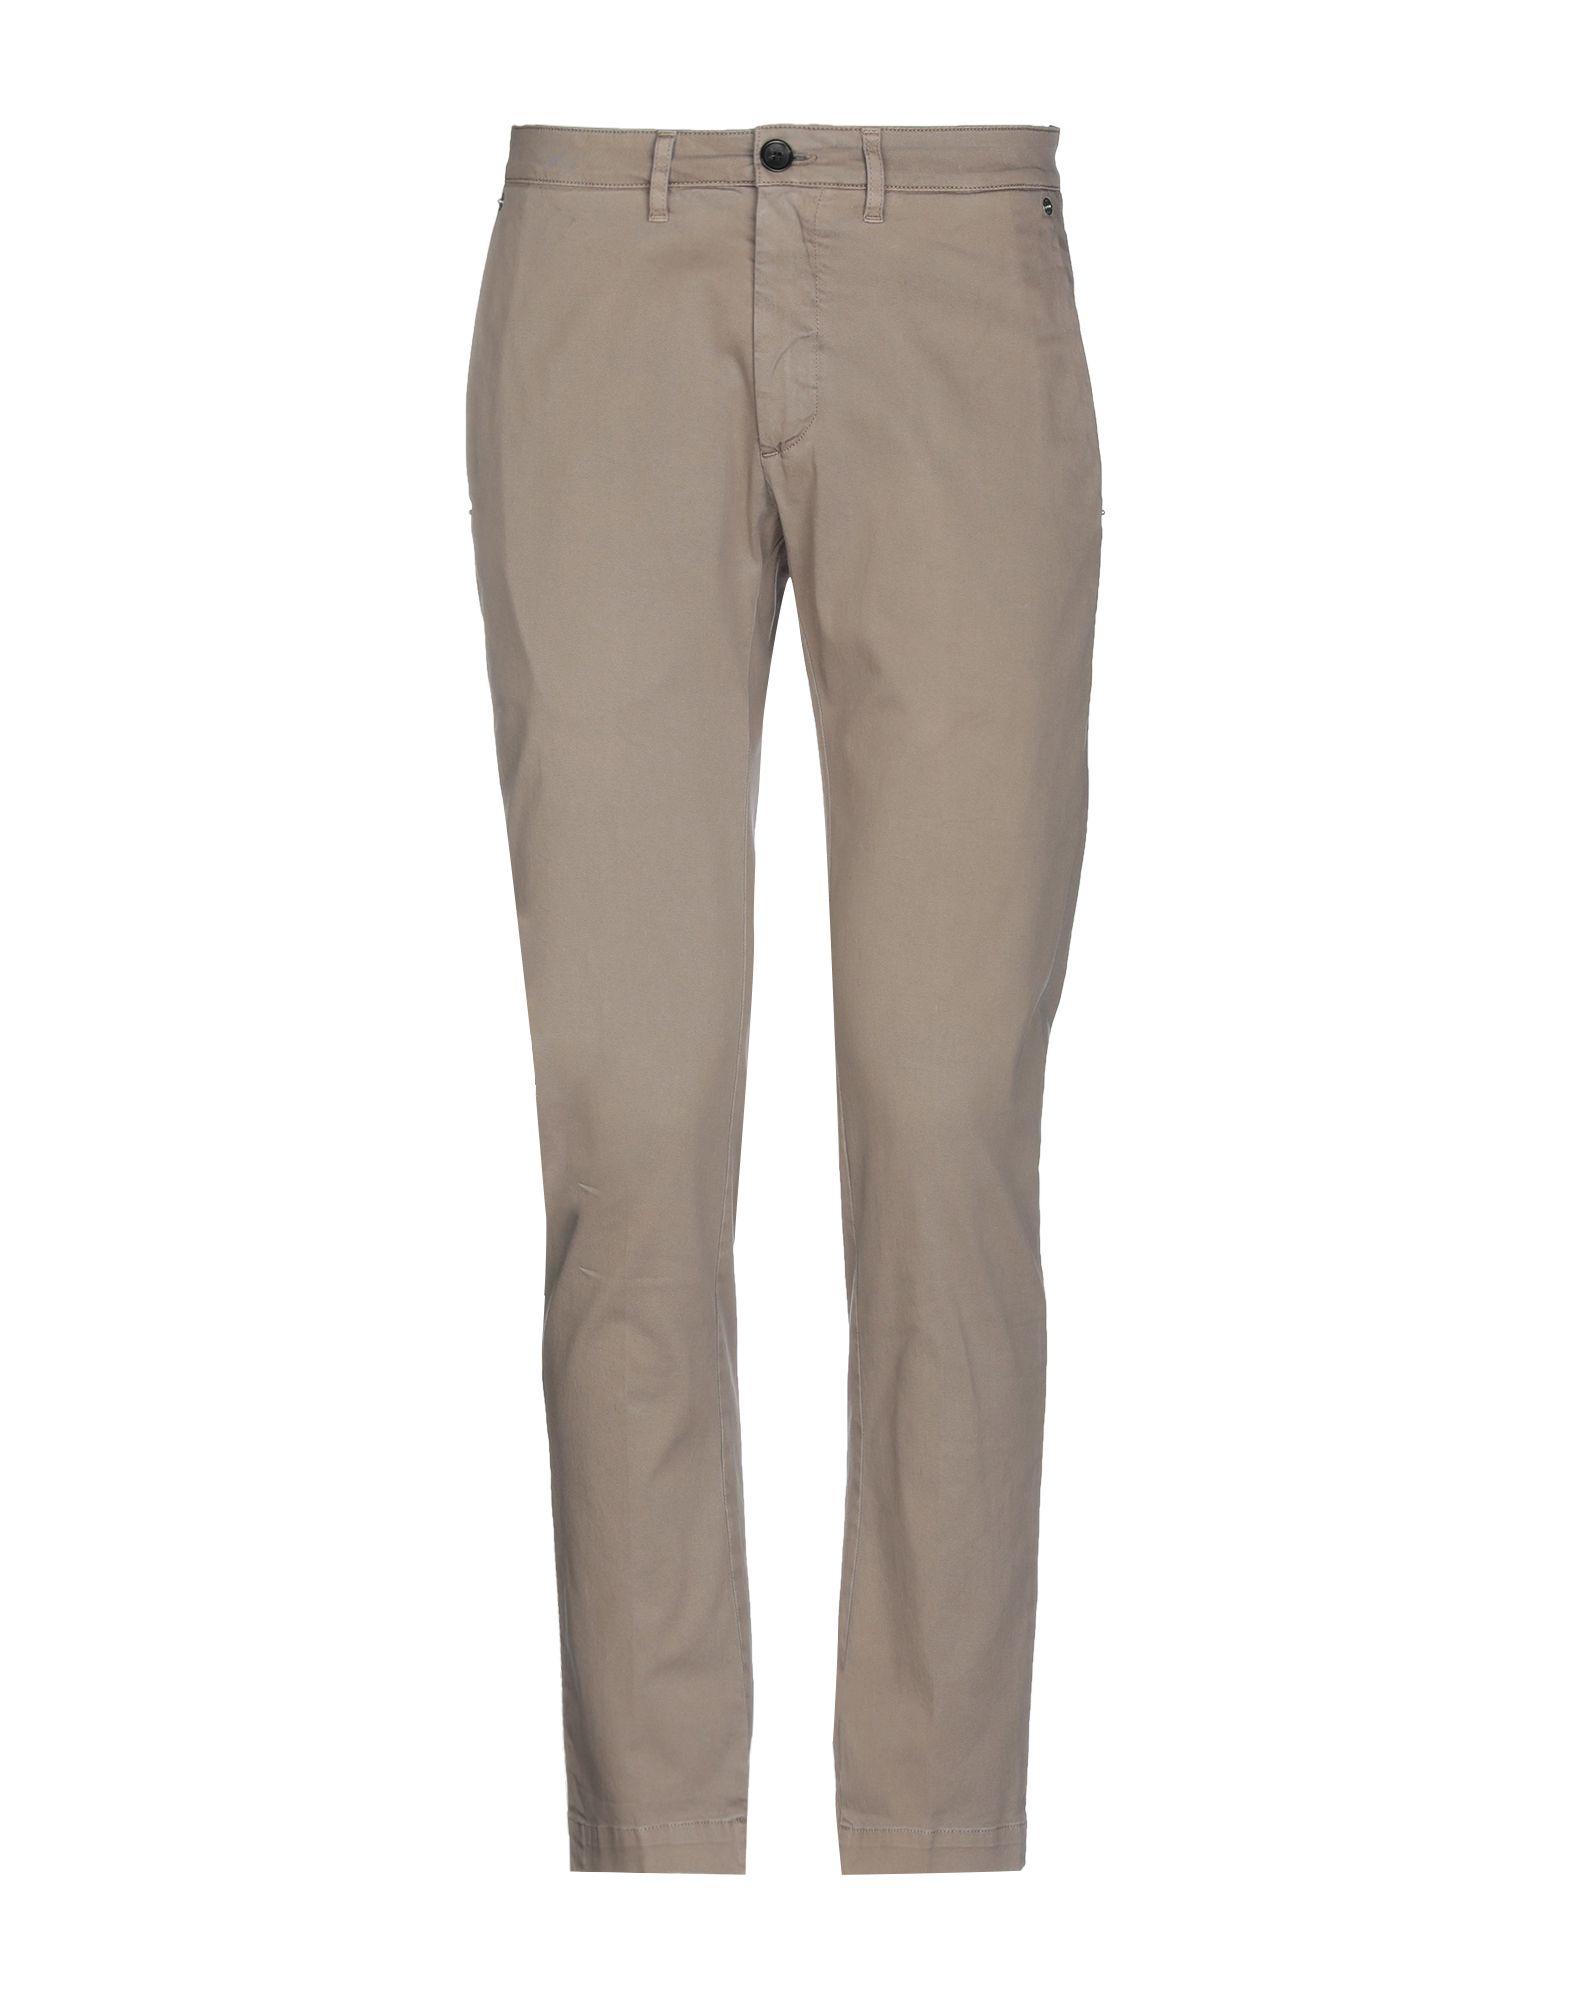 DEPARTMENT 5 Повседневные брюки брюки узкие с пропиткой 5 карманов длина 30